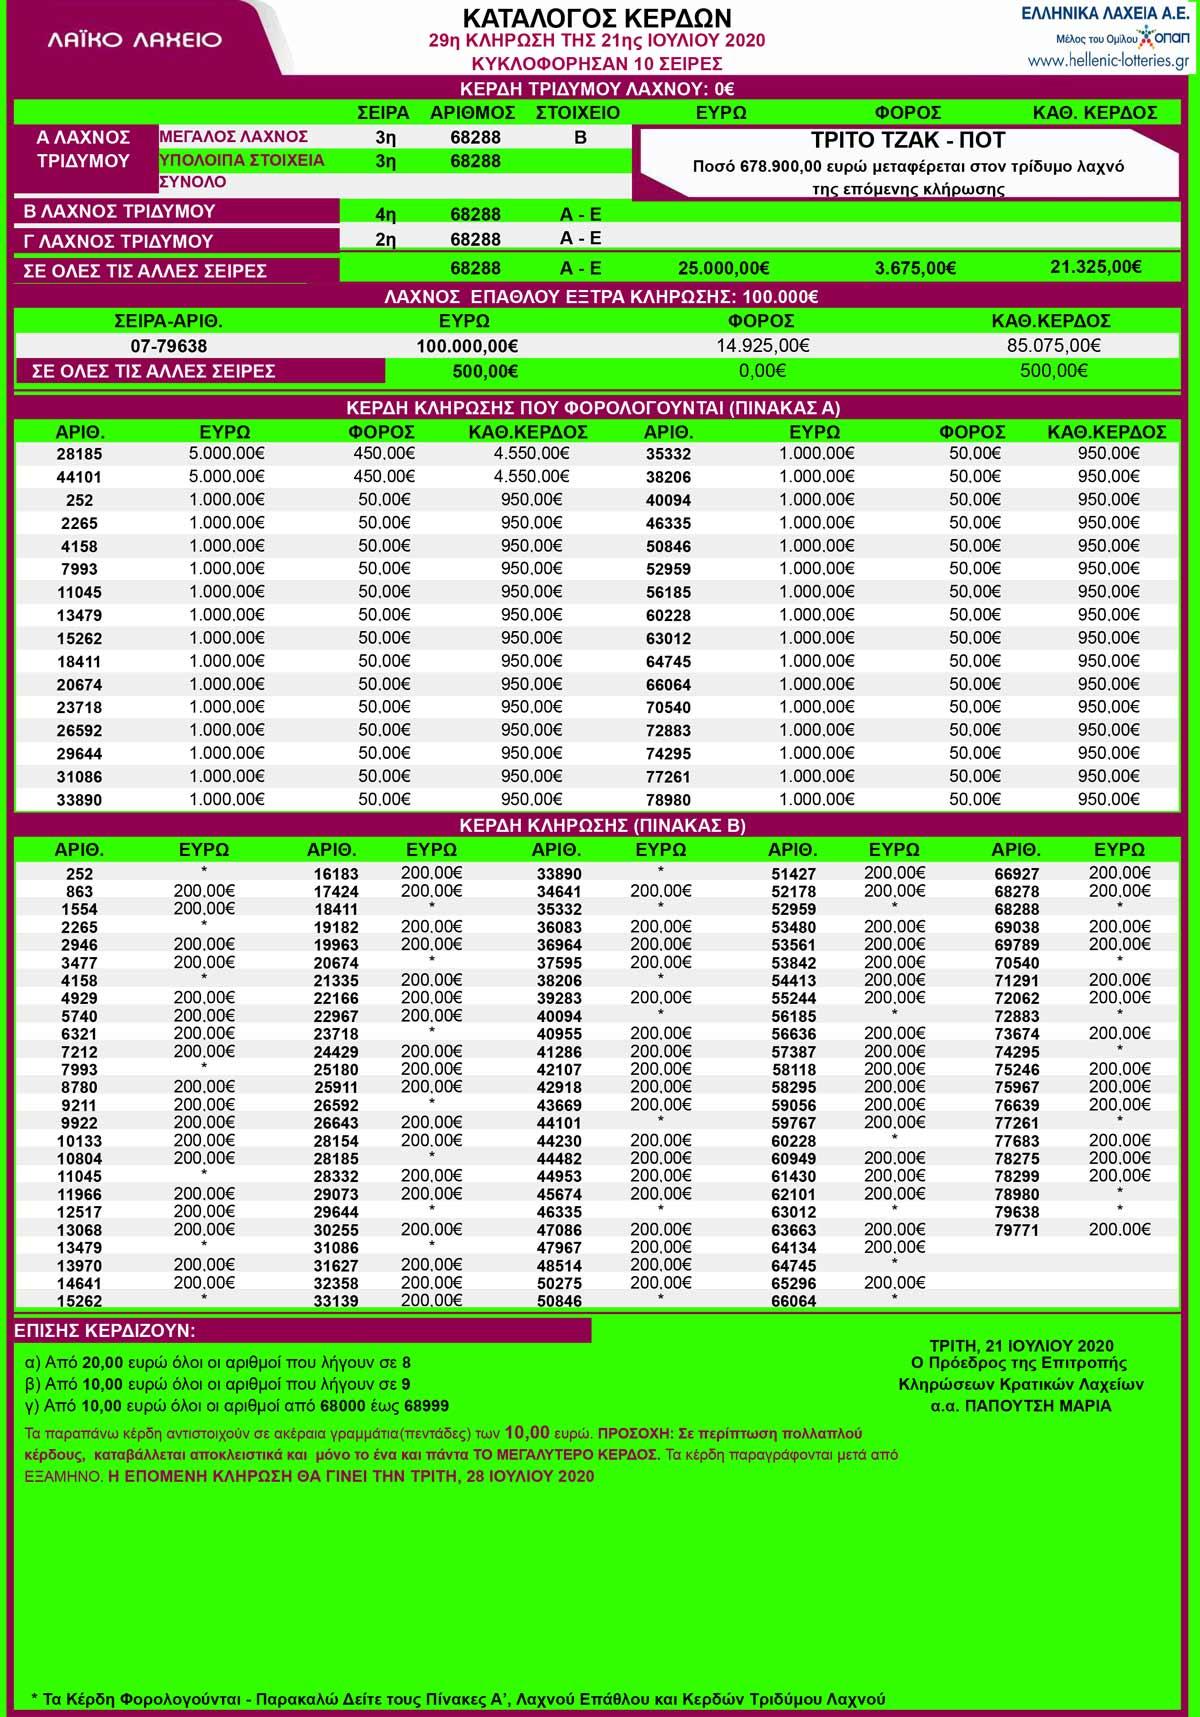 λαικο-21-07-2020-λαικο-λαχειο-21-7-20-κληρωση-29-αποτελεσματα-λαικου